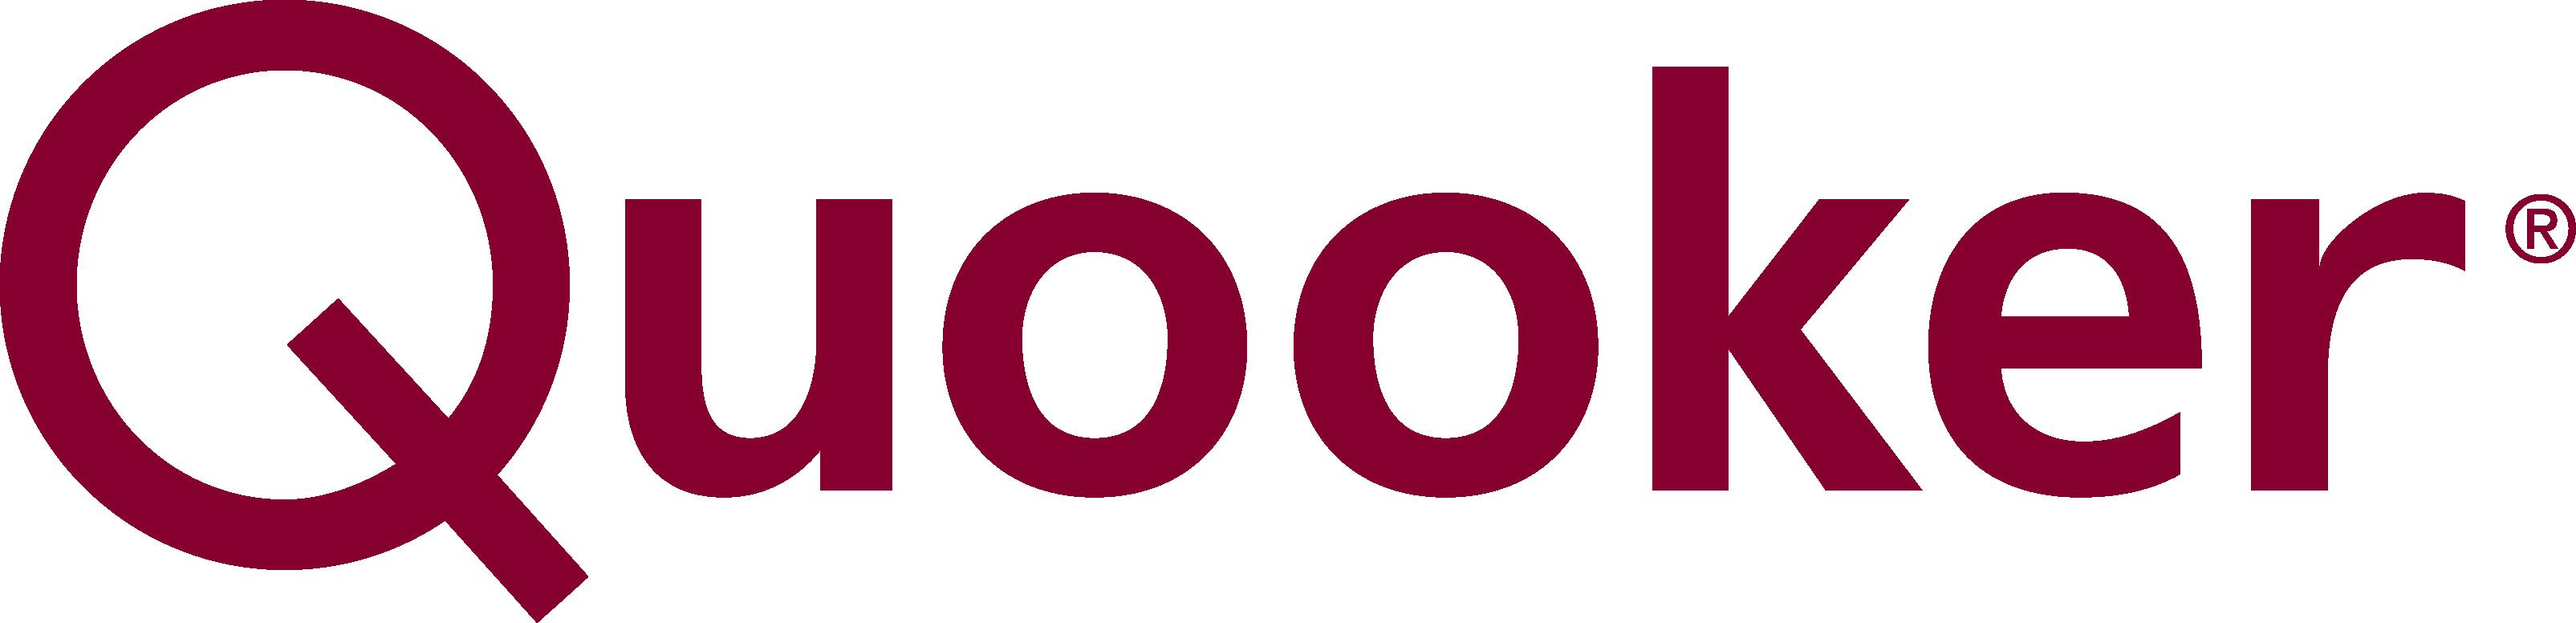 Qwooker logo